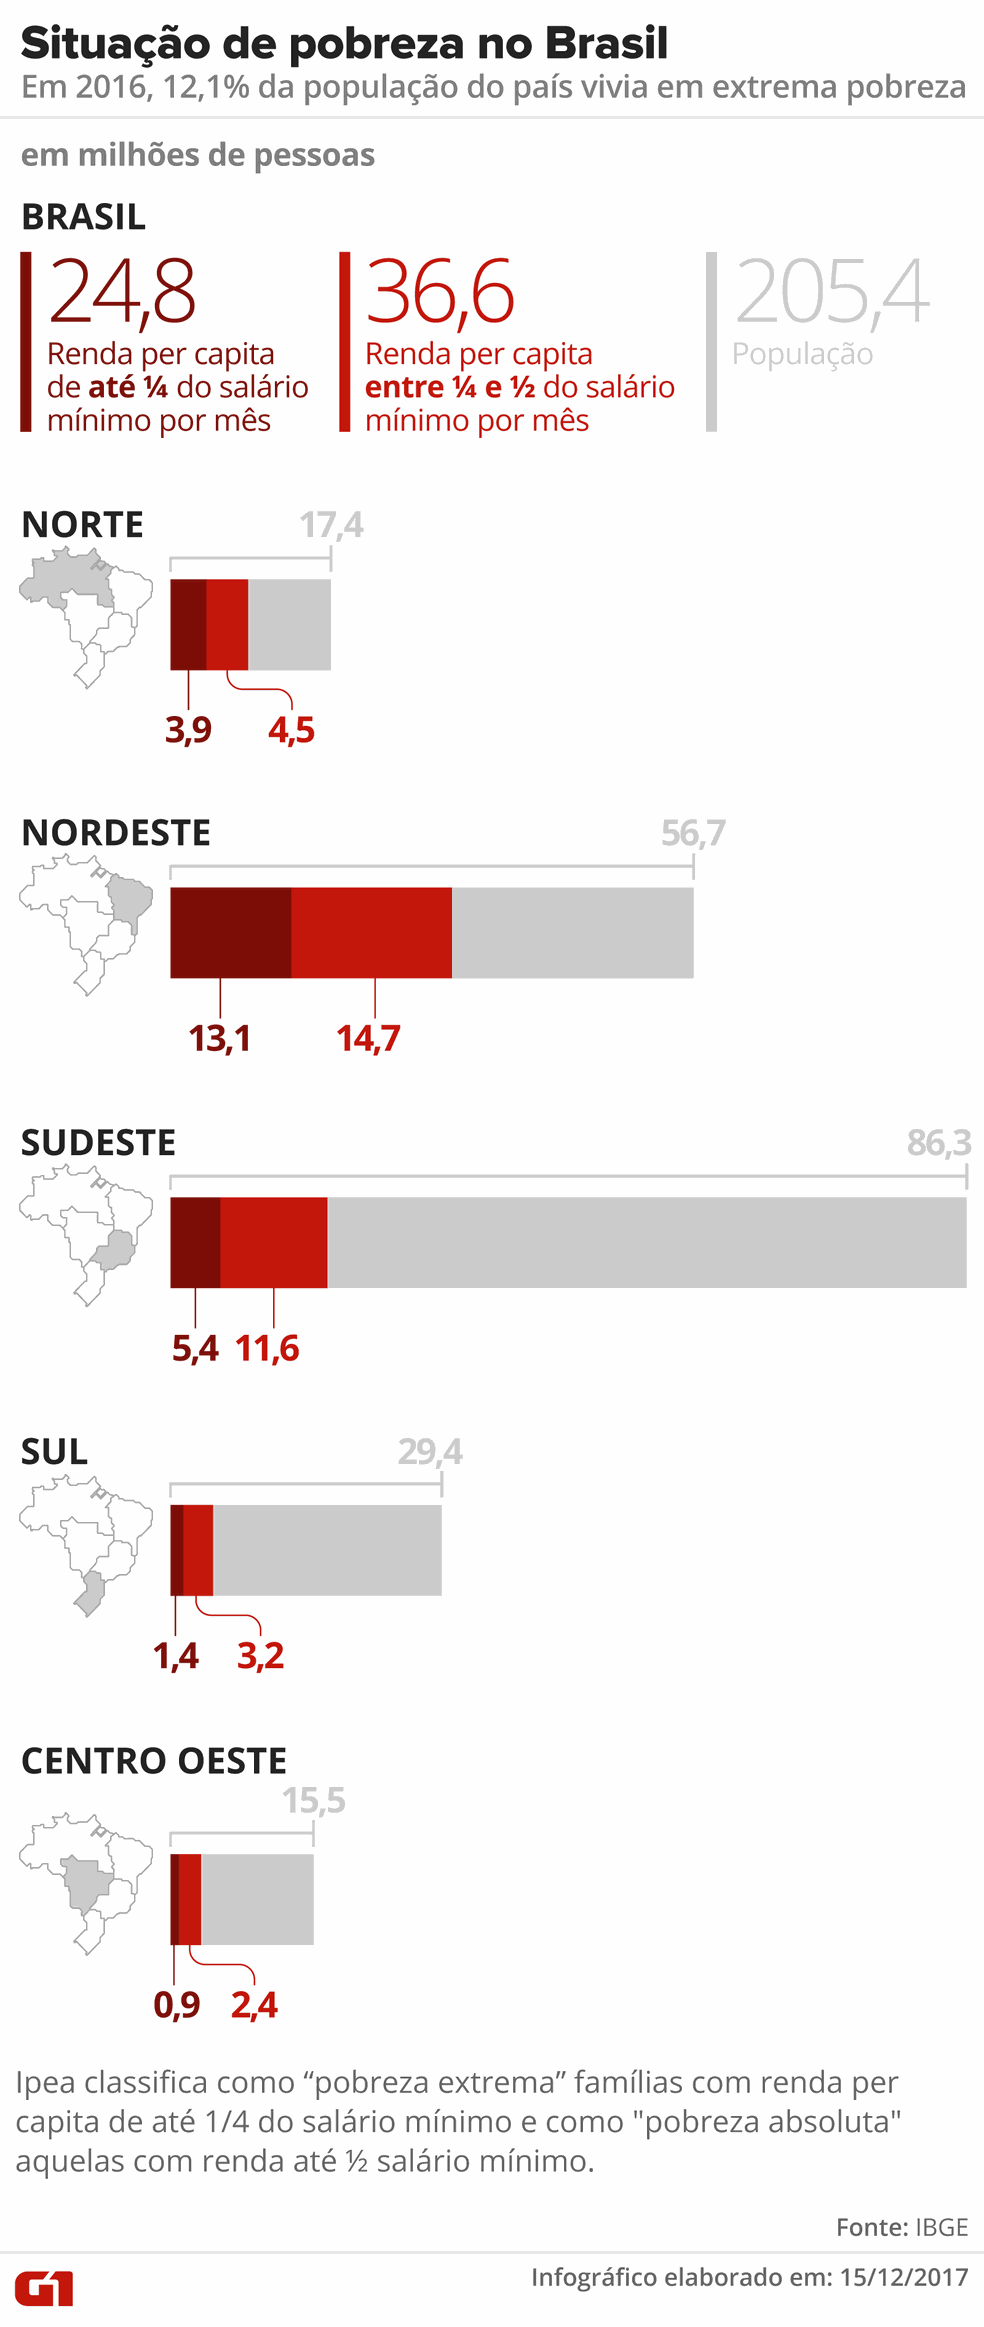 Infográfico sobre situação da pobreza no Brasil (Foto: Arte/G1)